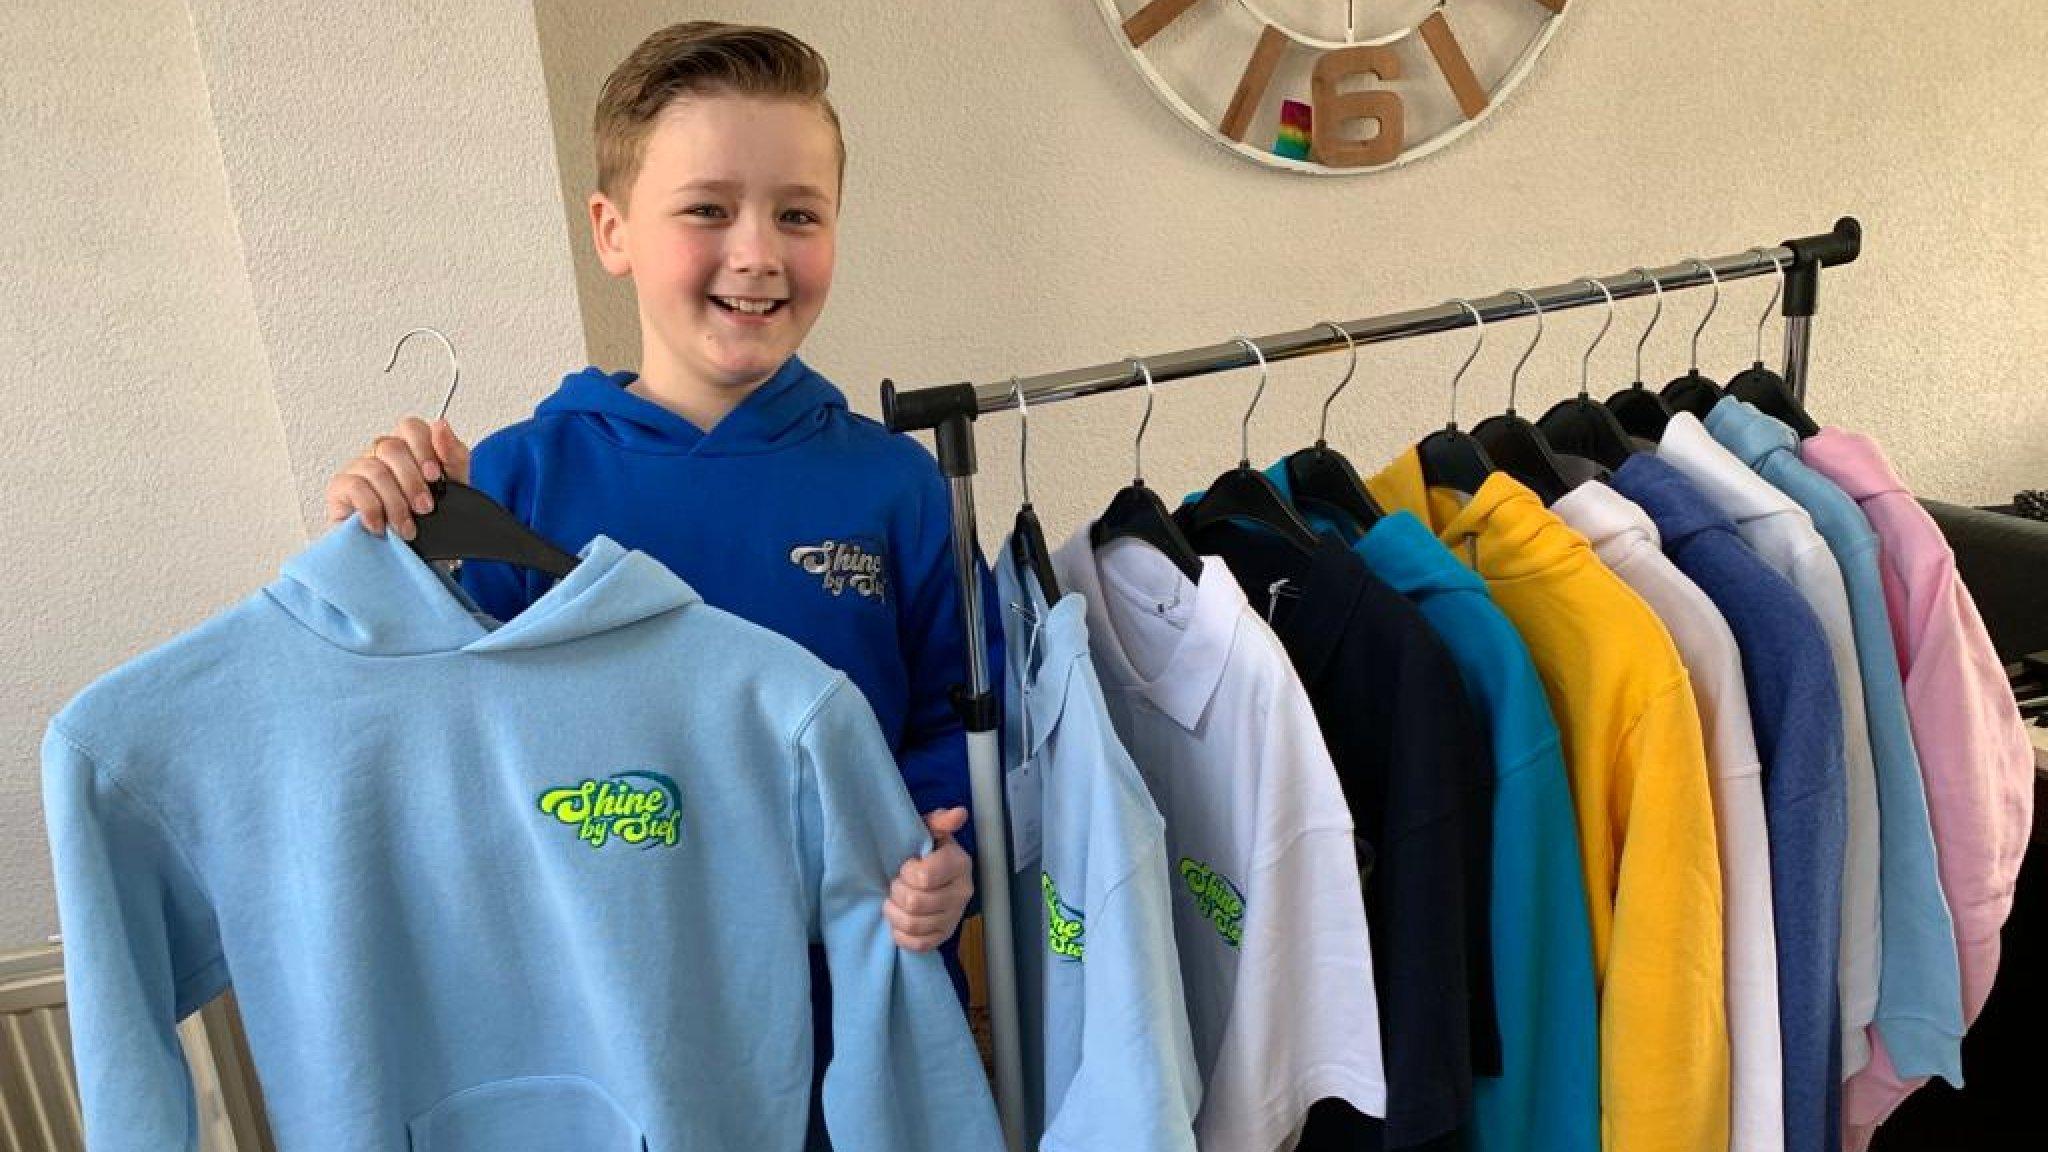 Gepeste Stef (9) heeft eigen kledinglijn: 'Je mag jezelf zijn' - EditieNL